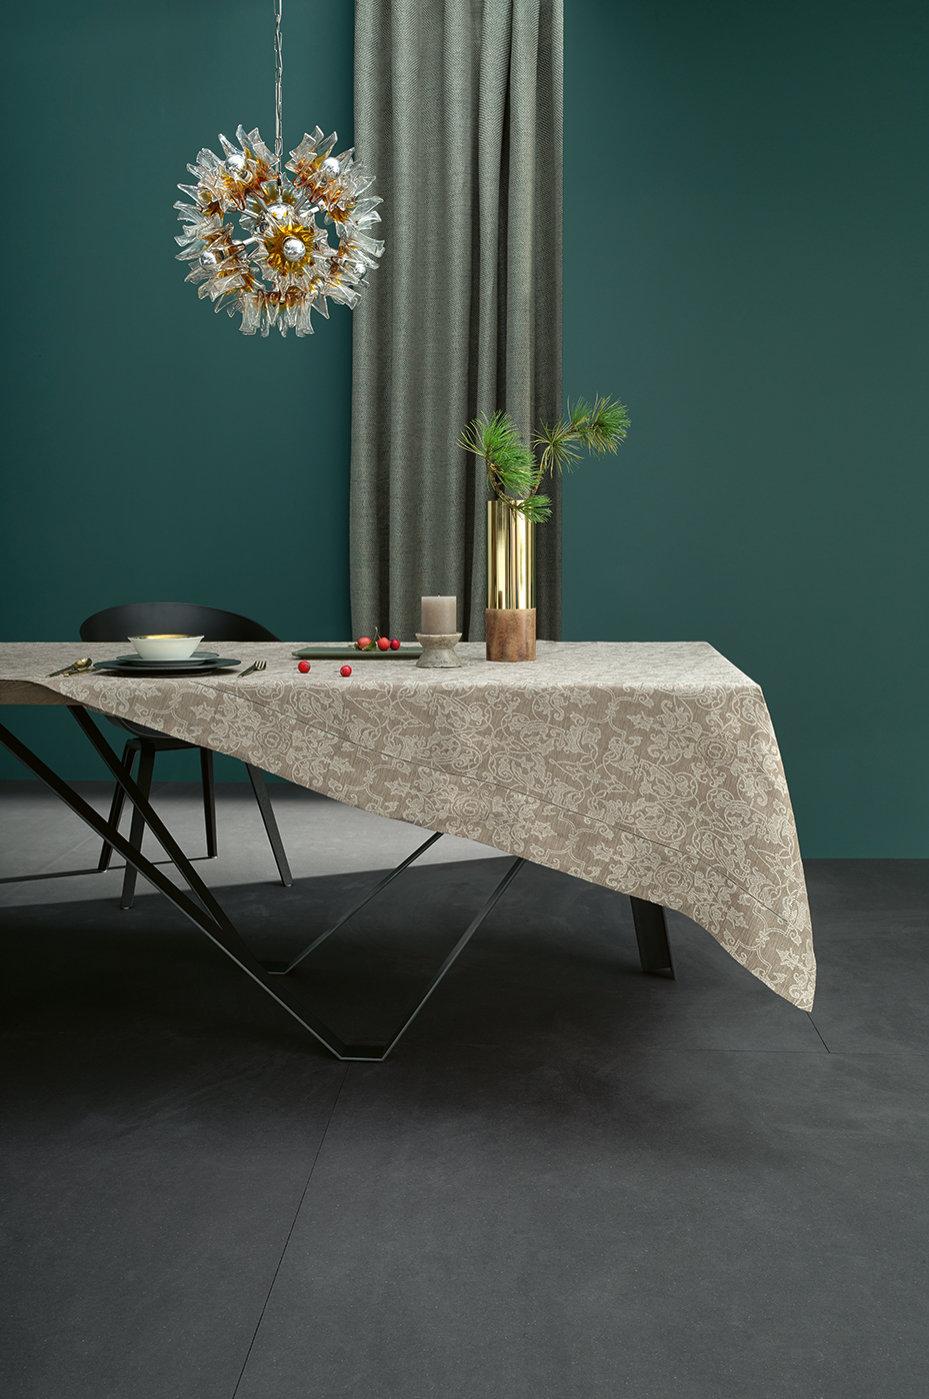 leinentischw sche serie leitner mariage jacquard in 12 farbvarianten von leitner leinen. Black Bedroom Furniture Sets. Home Design Ideas